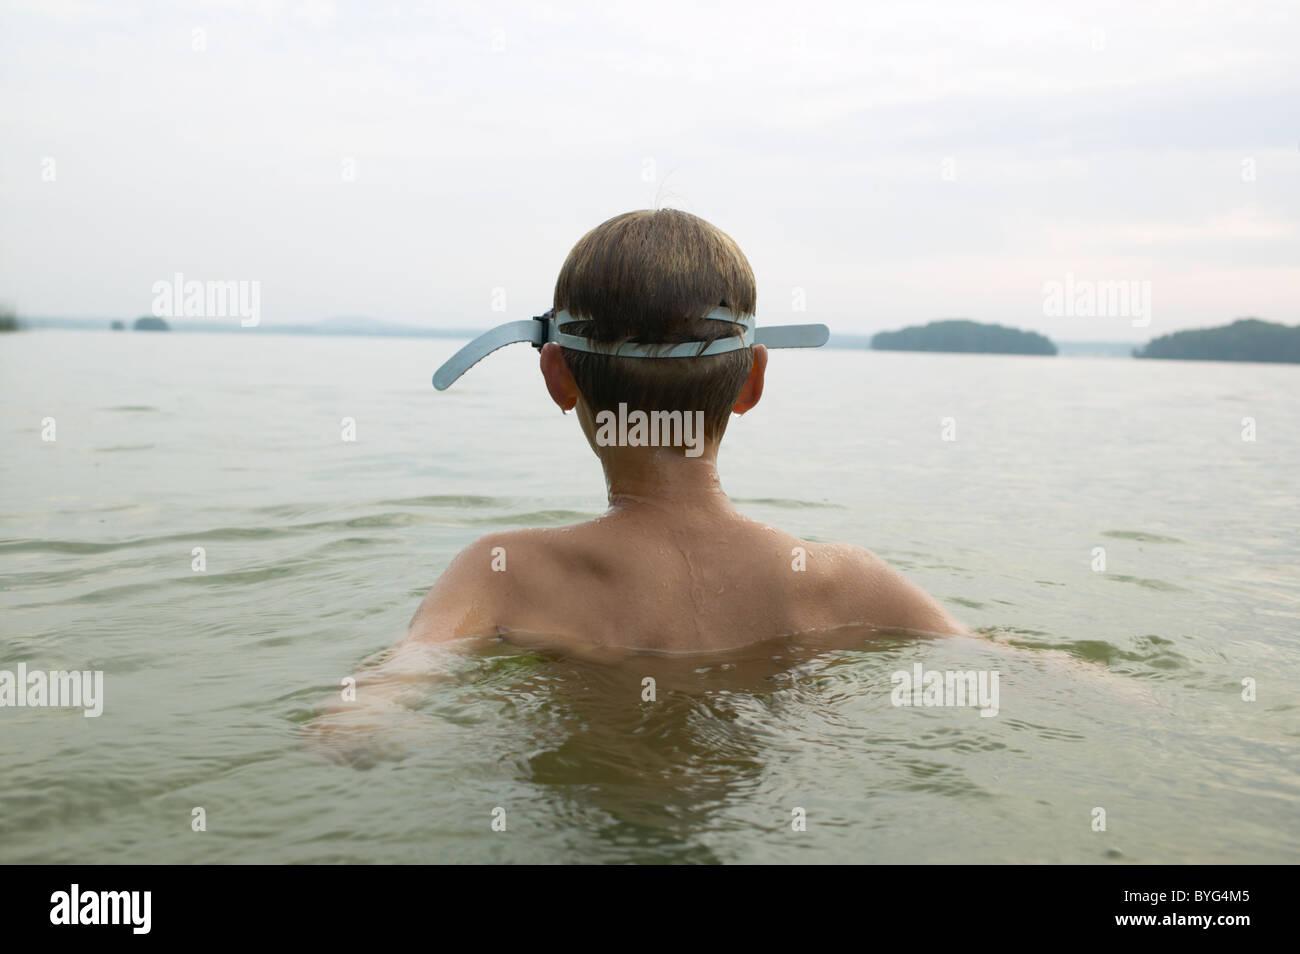 Ragazzo nuoto nel lago Immagini Stock